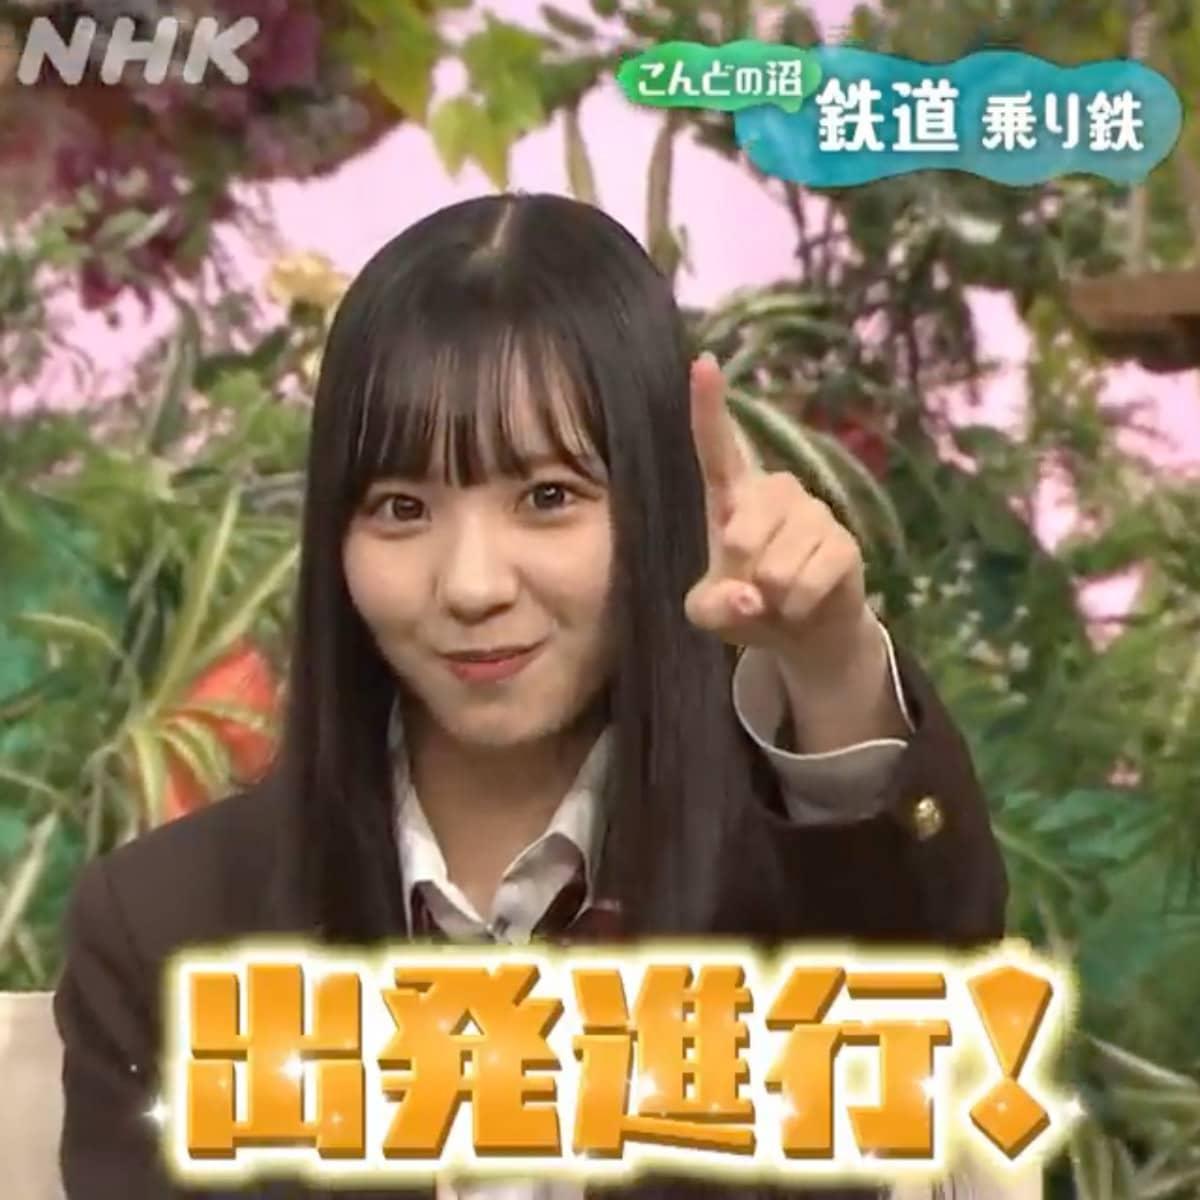 SKE48 末永桜花が「沼にハマってきいてみた」に出演! 〜鉄道沼 乗り鉄編〜 乗って楽しい!あこがれの列車!